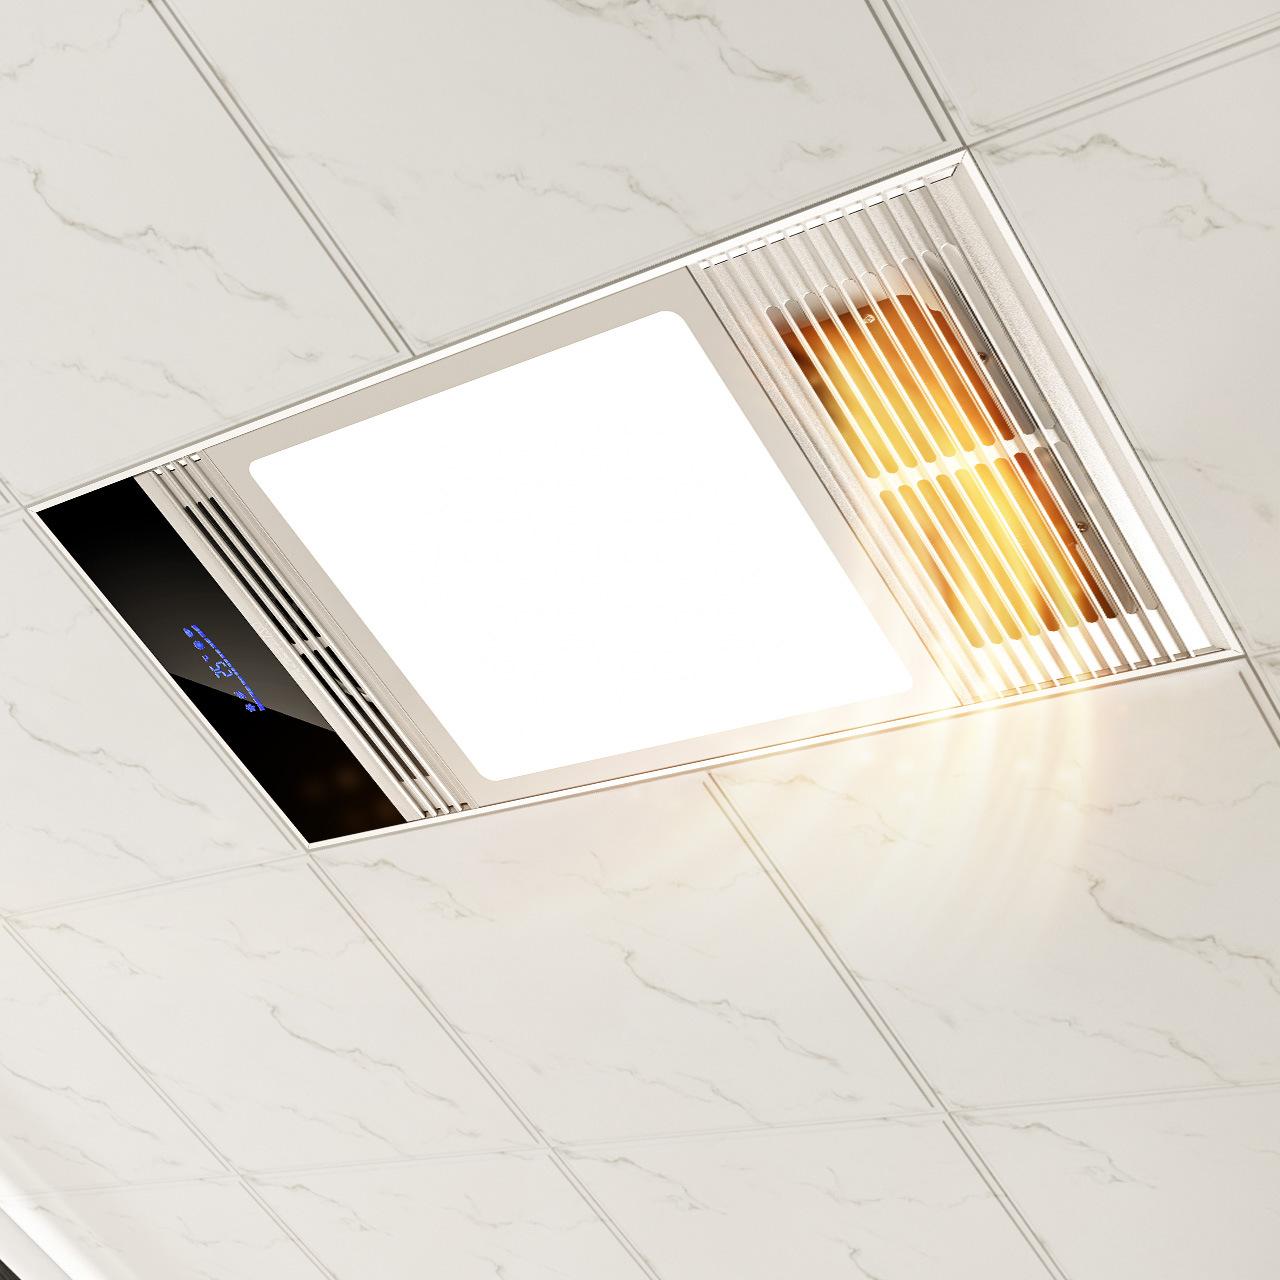 雷士浴霸排氣扇照明一體風暖衛生間集成吊頂三合一浴室嵌入暖風機